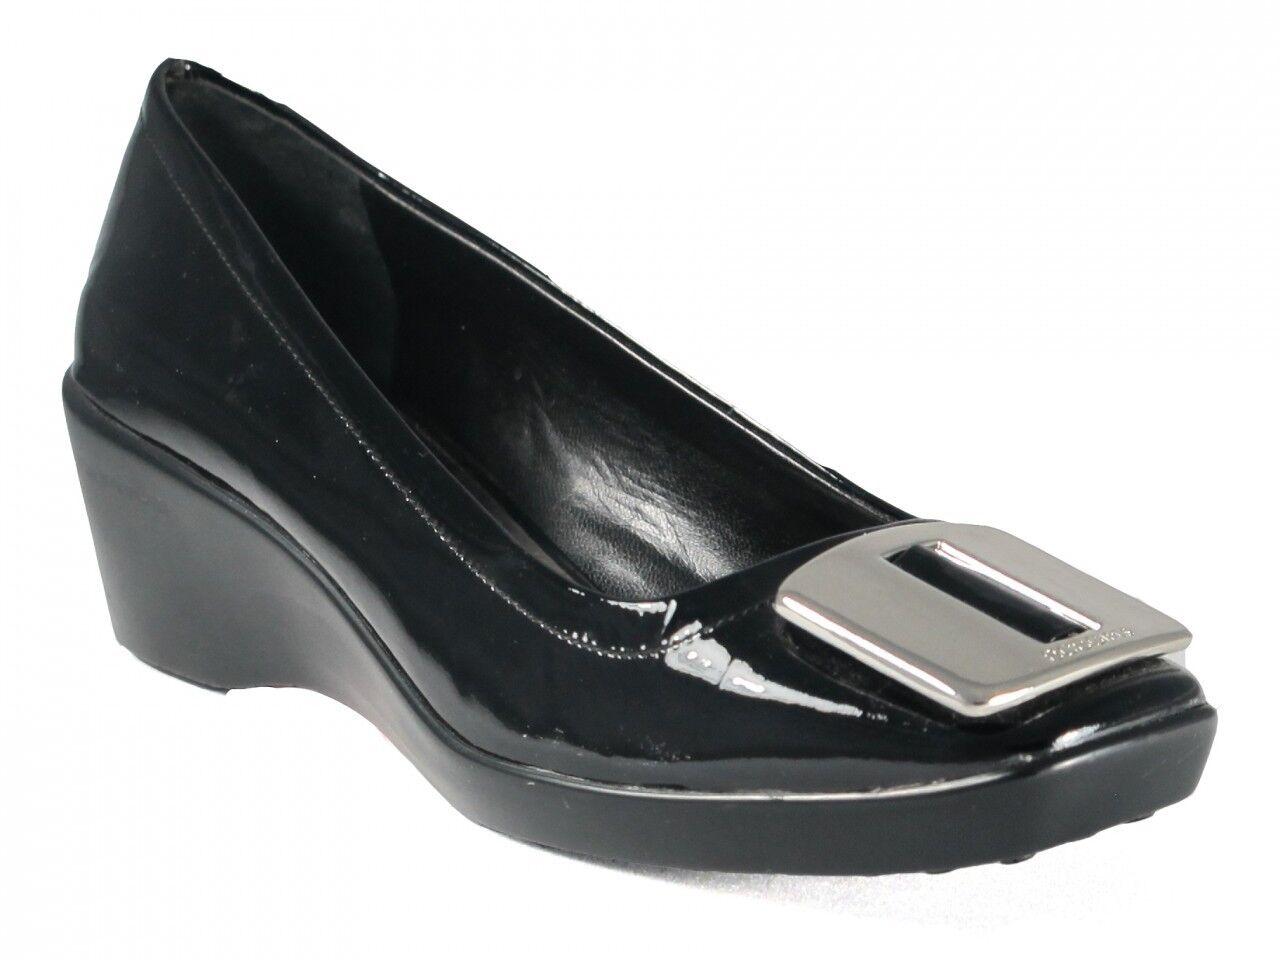 liquidazione BCBG Donna  Tina Wedge Heels in in in nero  è scontato